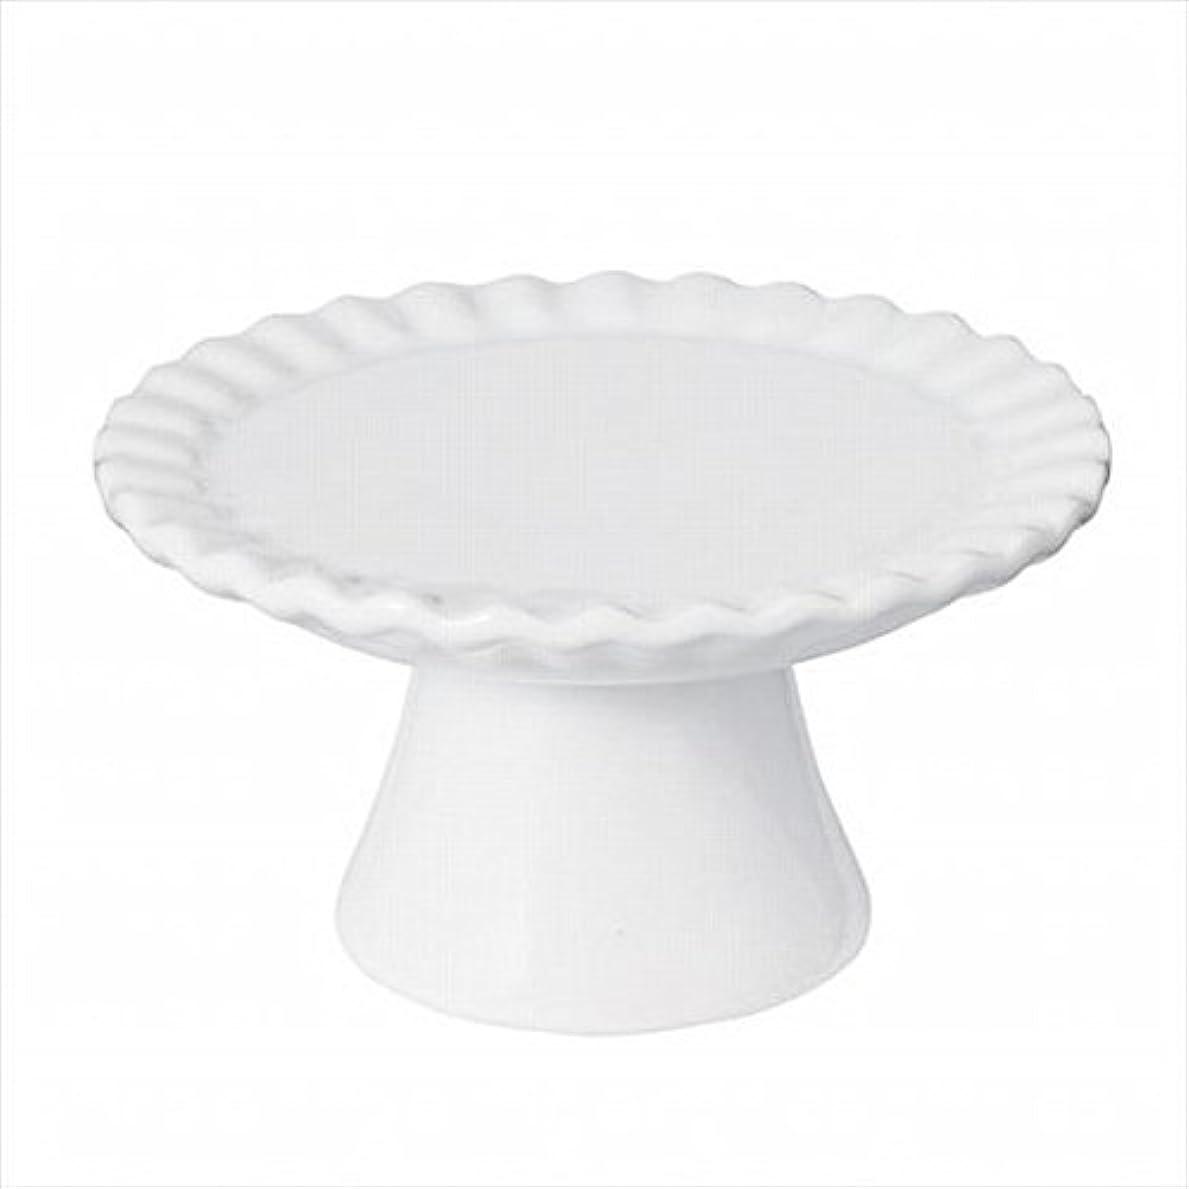 溶かすスケルトンクラウドsweets candle(スイーツキャンドル) ドルチェコンポート 「 ホワイト 」 キャンドル 95x95x52mm (J5480000W)